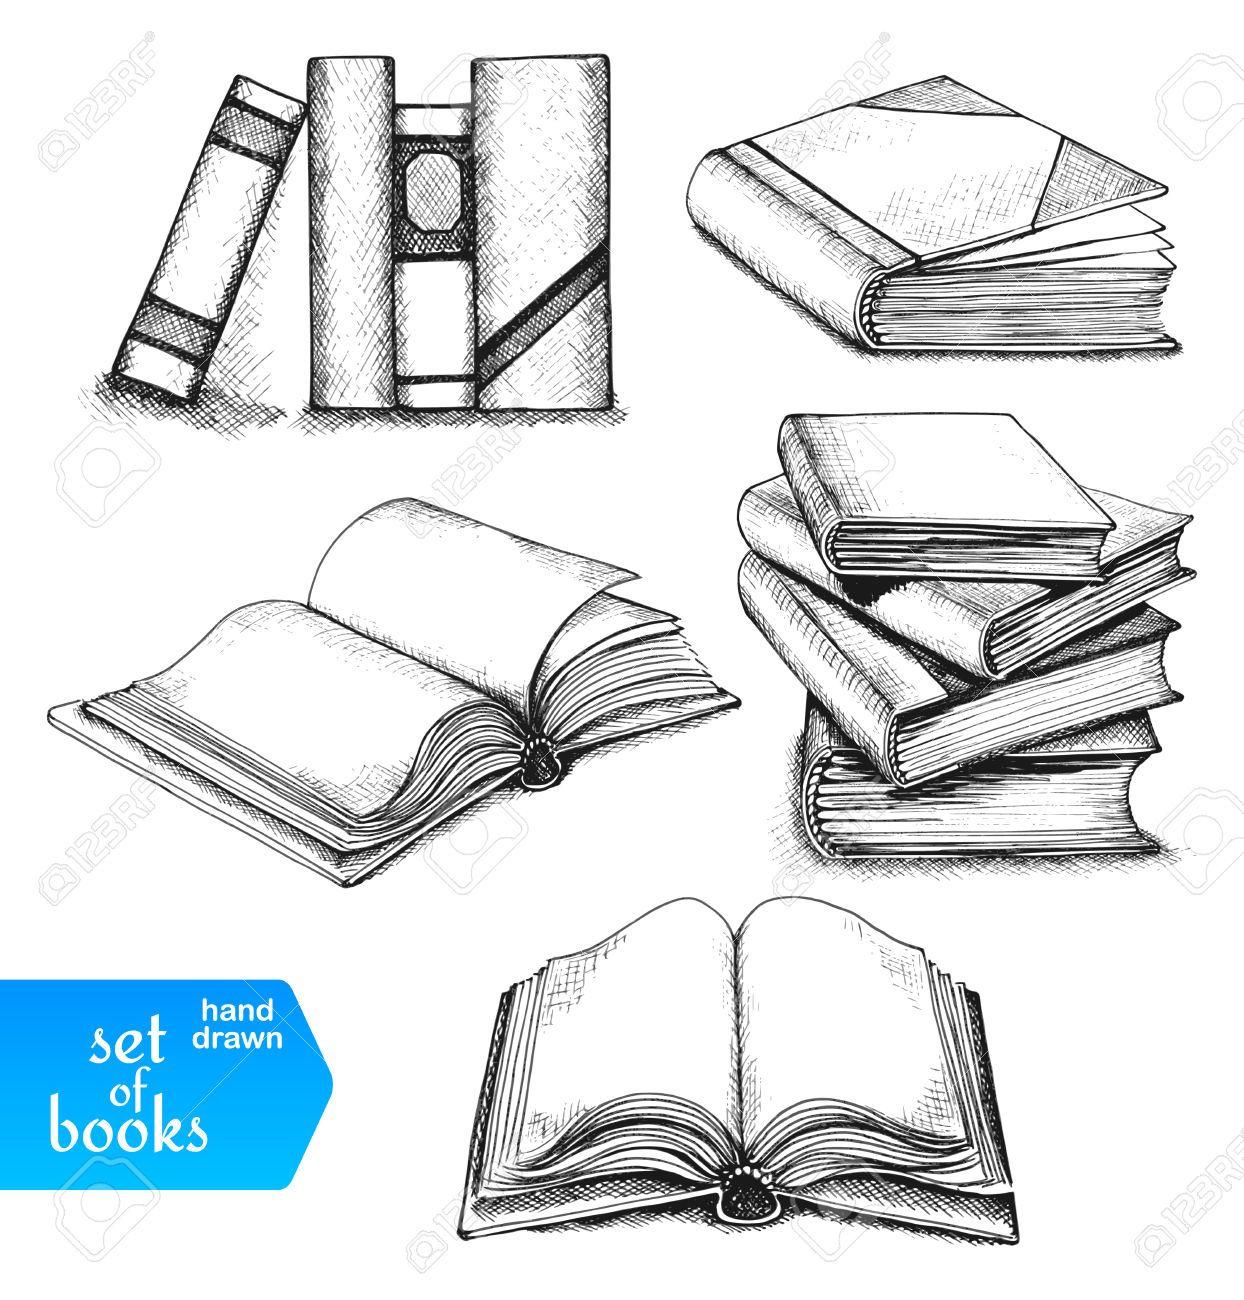 como dibujar un libro dibujo libro abierto cosas para dibujar tcnicas de dibujo